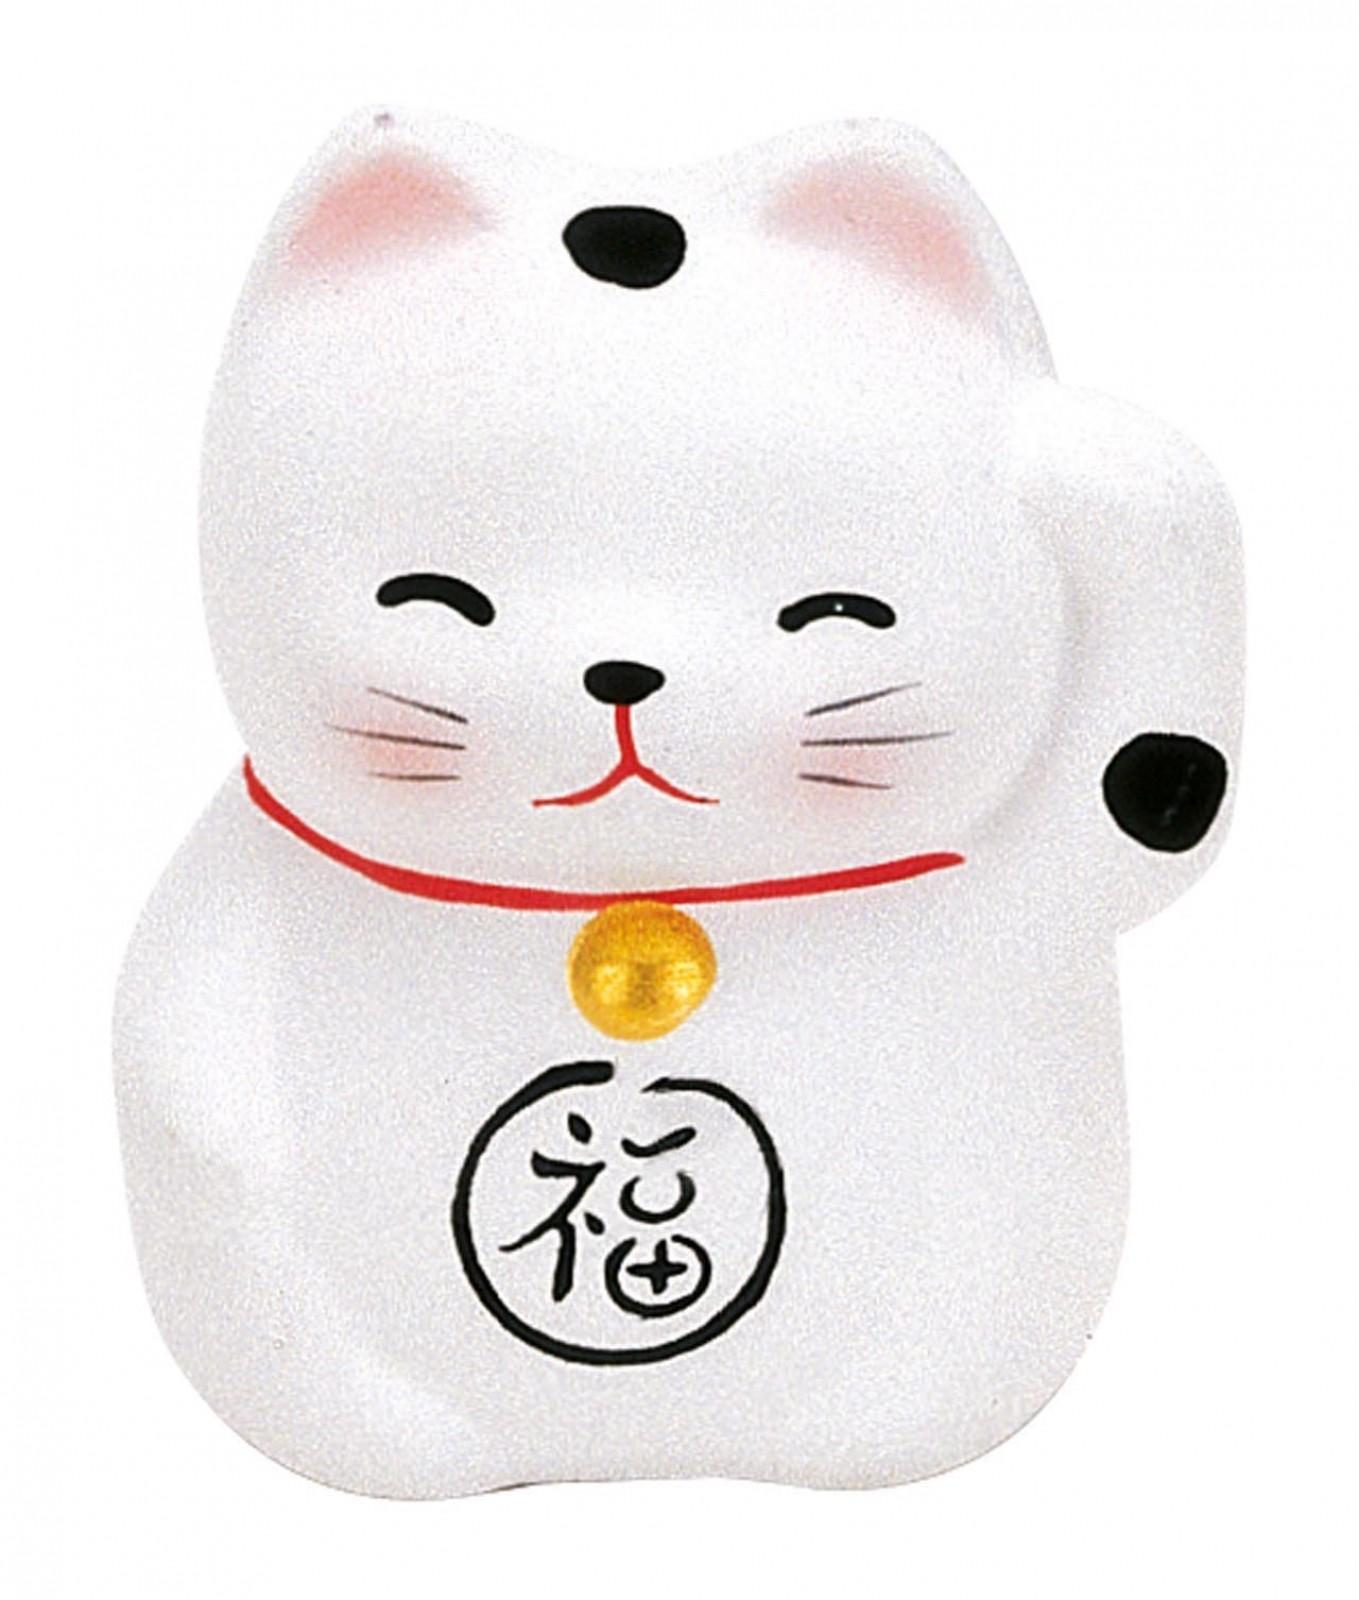 Maneki Neko - Lucky Cat - White - Purity & Happiness - 5.2 cm